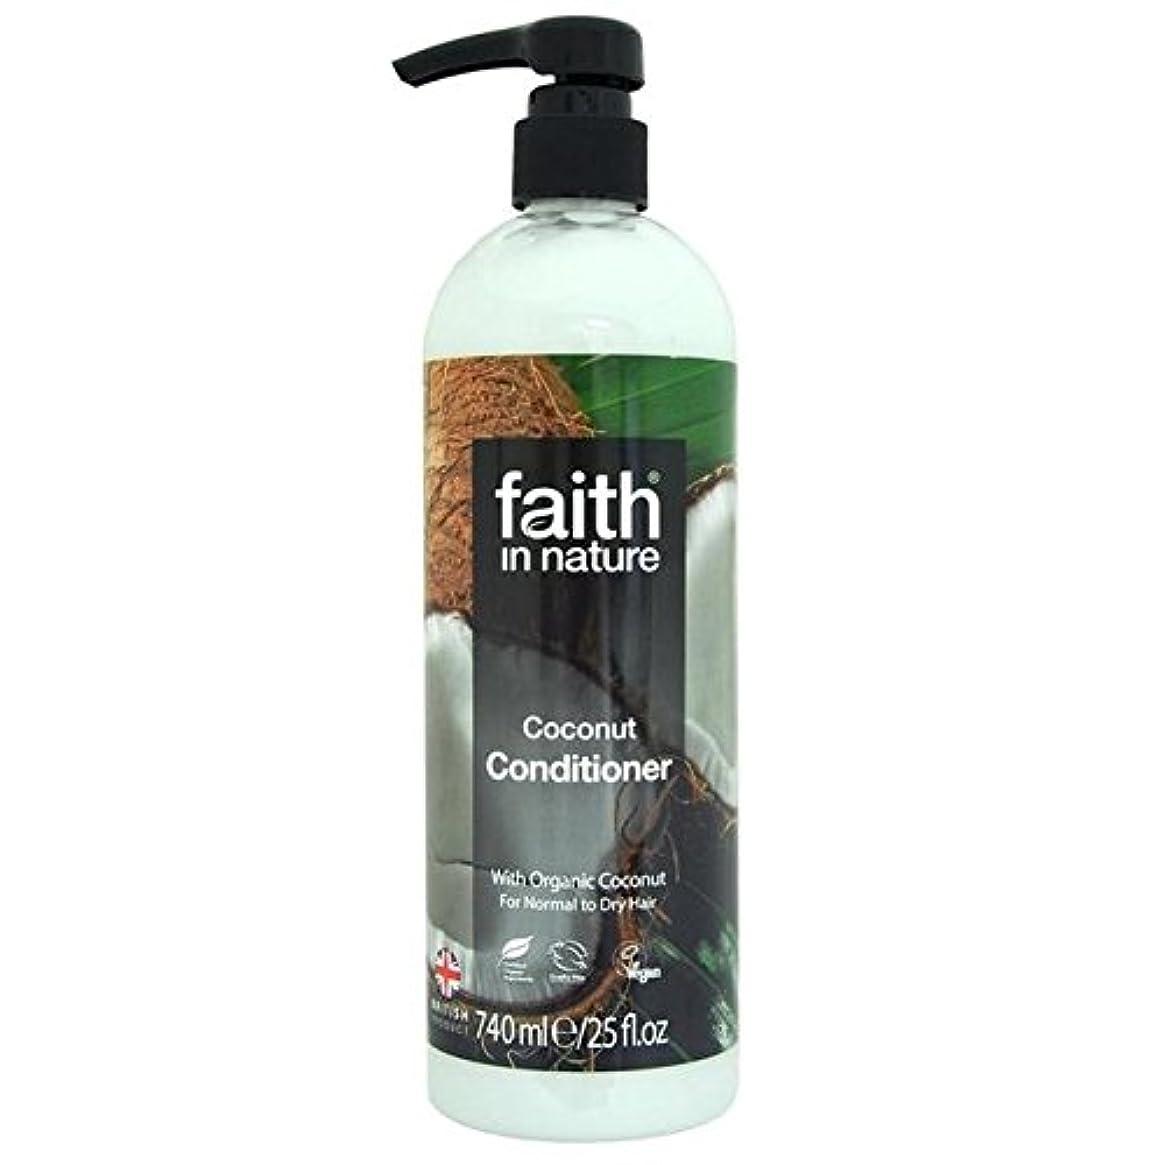 削除する推定本当のことを言うとFaith in Nature Coconut Conditioner 740ml (Pack of 4) - (Faith In Nature) 自然ココナッツコンディショナー740ミリリットルの信仰 (x4) [並行輸入品]